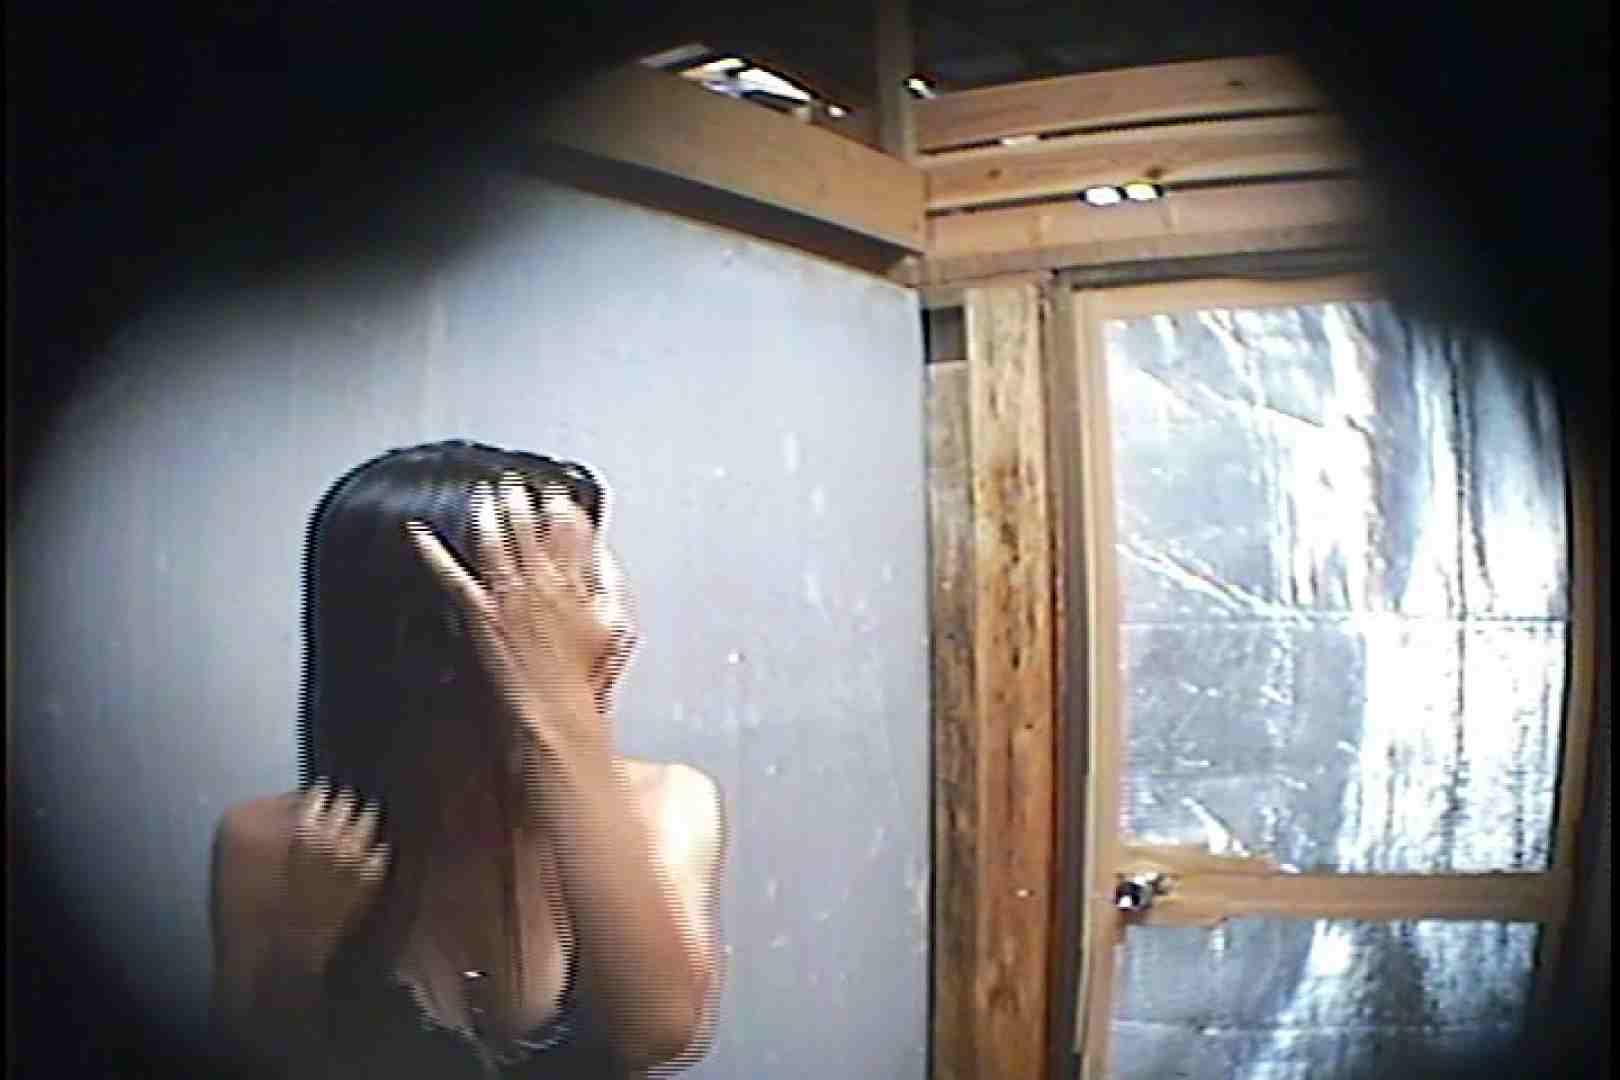 海の家の更衣室 Vol.45 日焼けした女たち ヌード画像 78画像 53